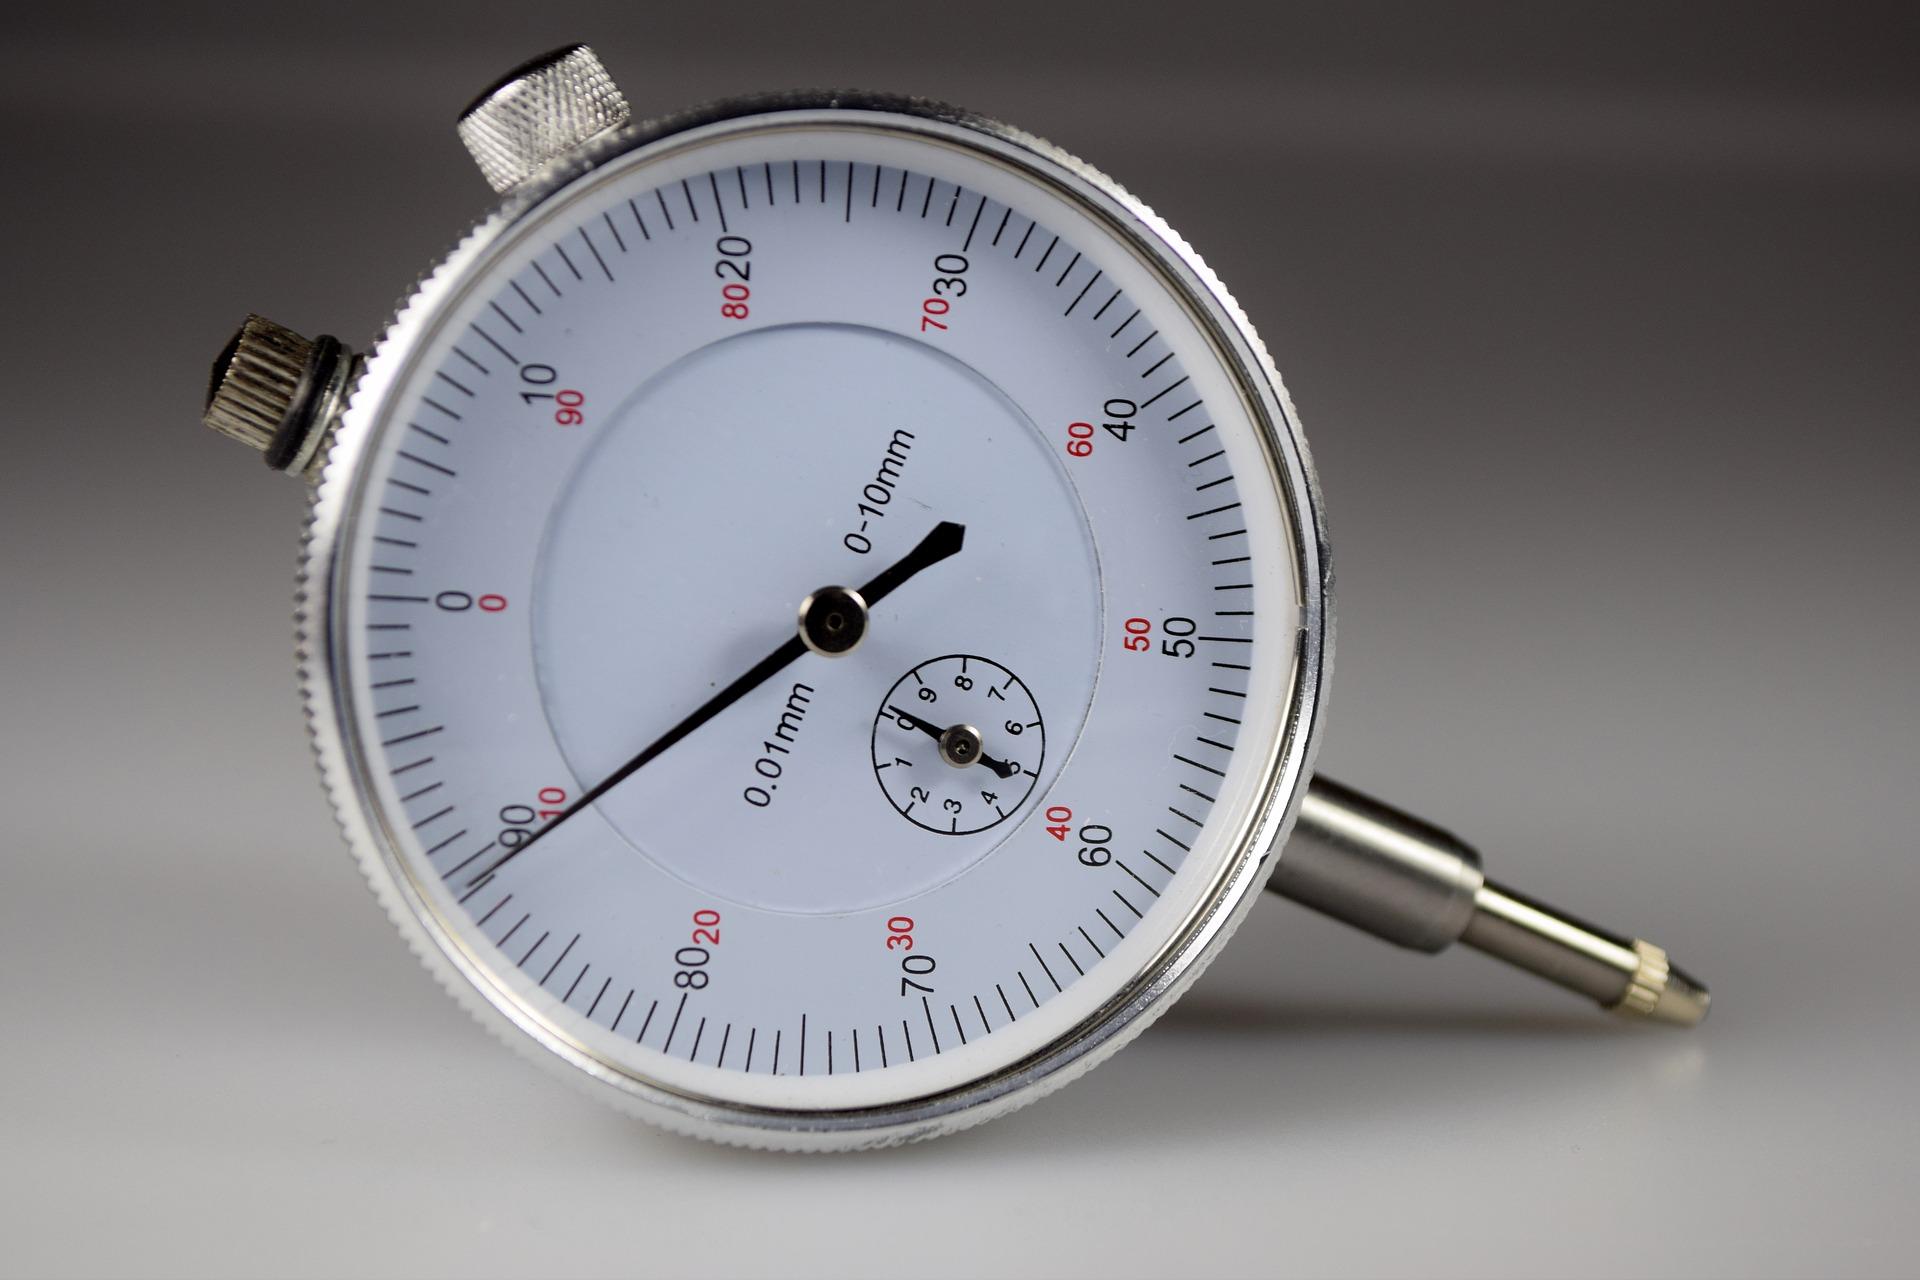 gauge-2542090_1920.jpg